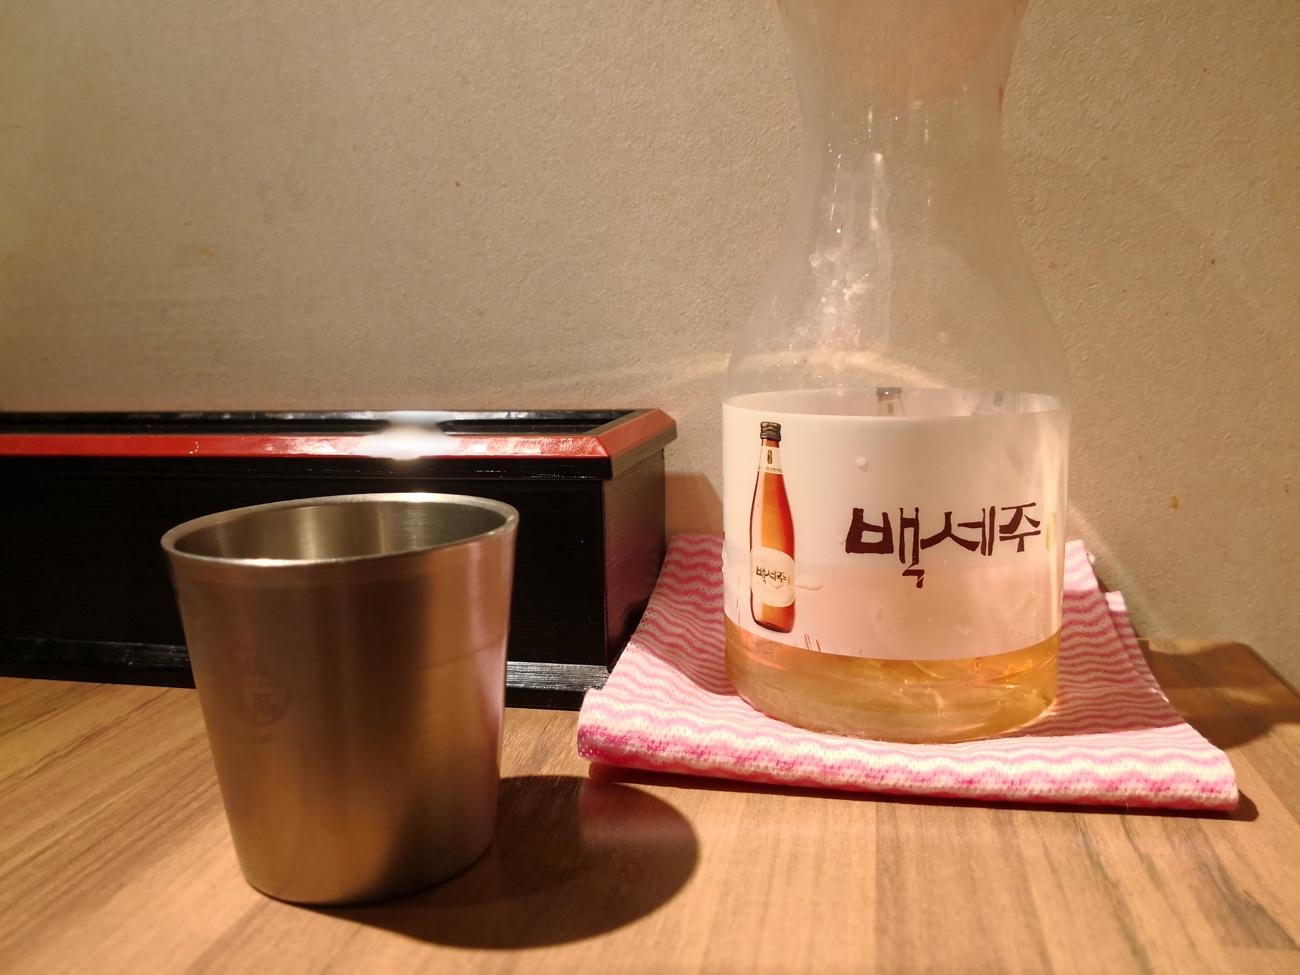 赤坂美豚ランチタイムのお茶